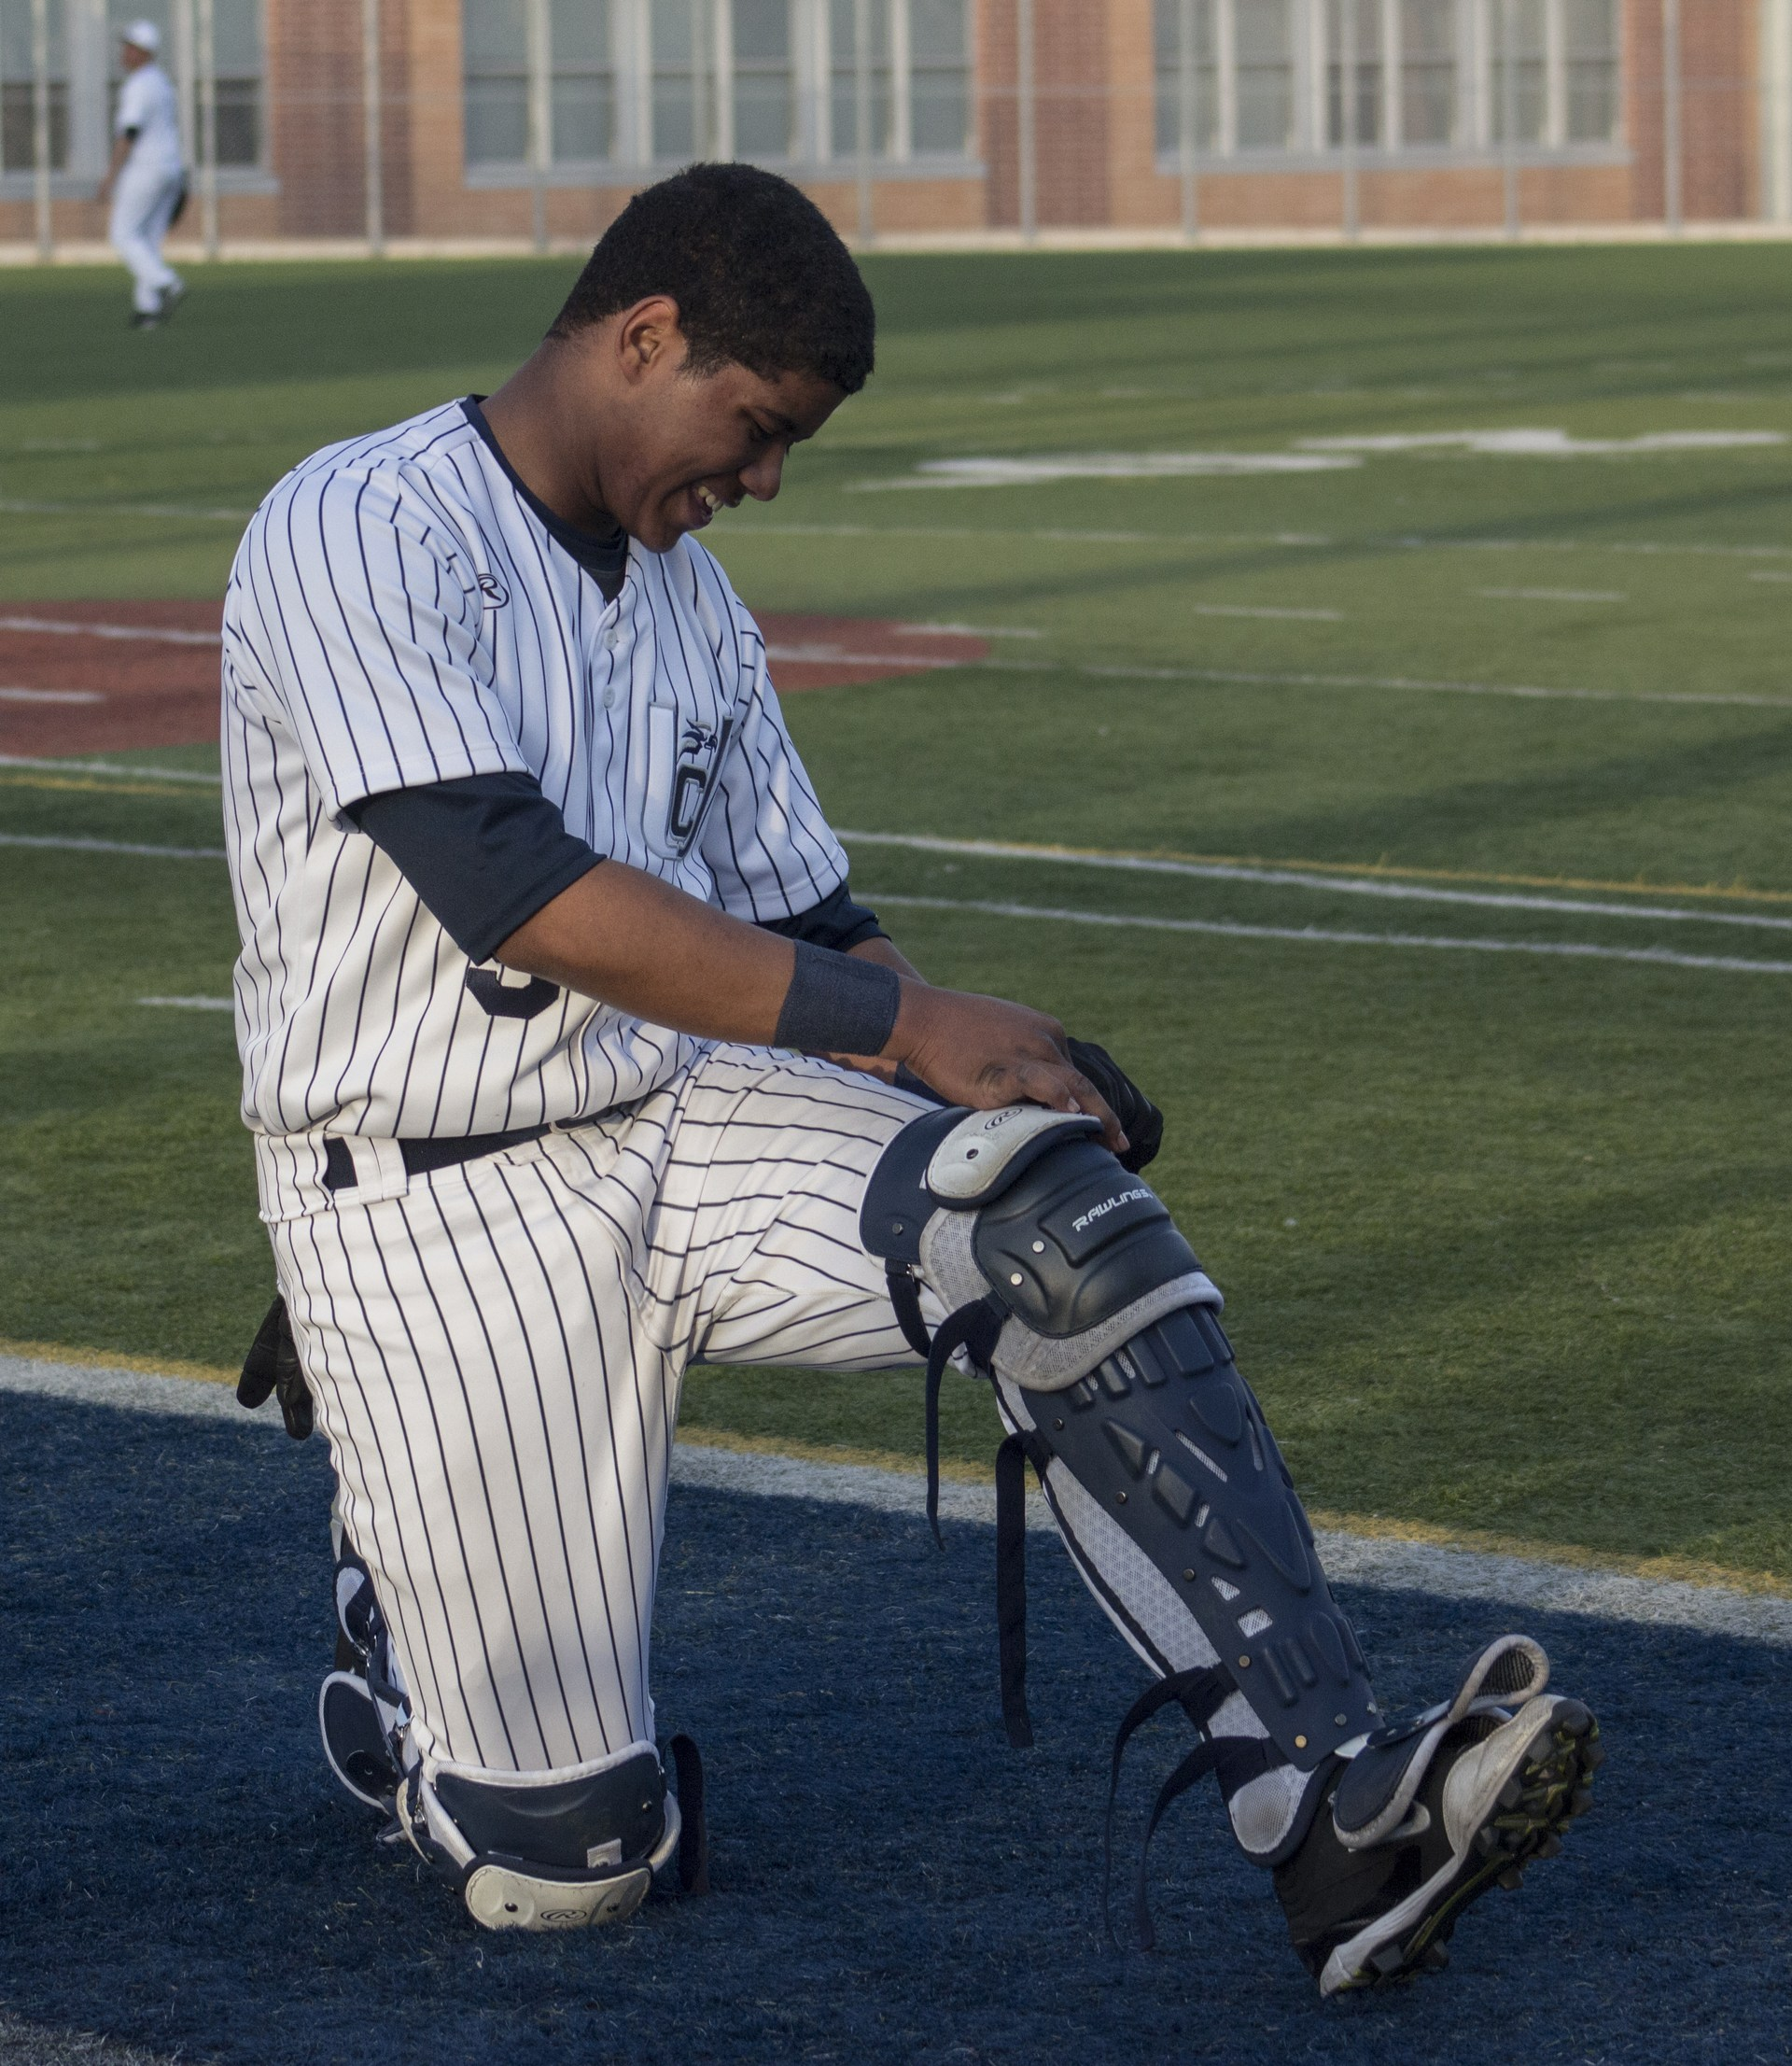 catcher fixing shin guard